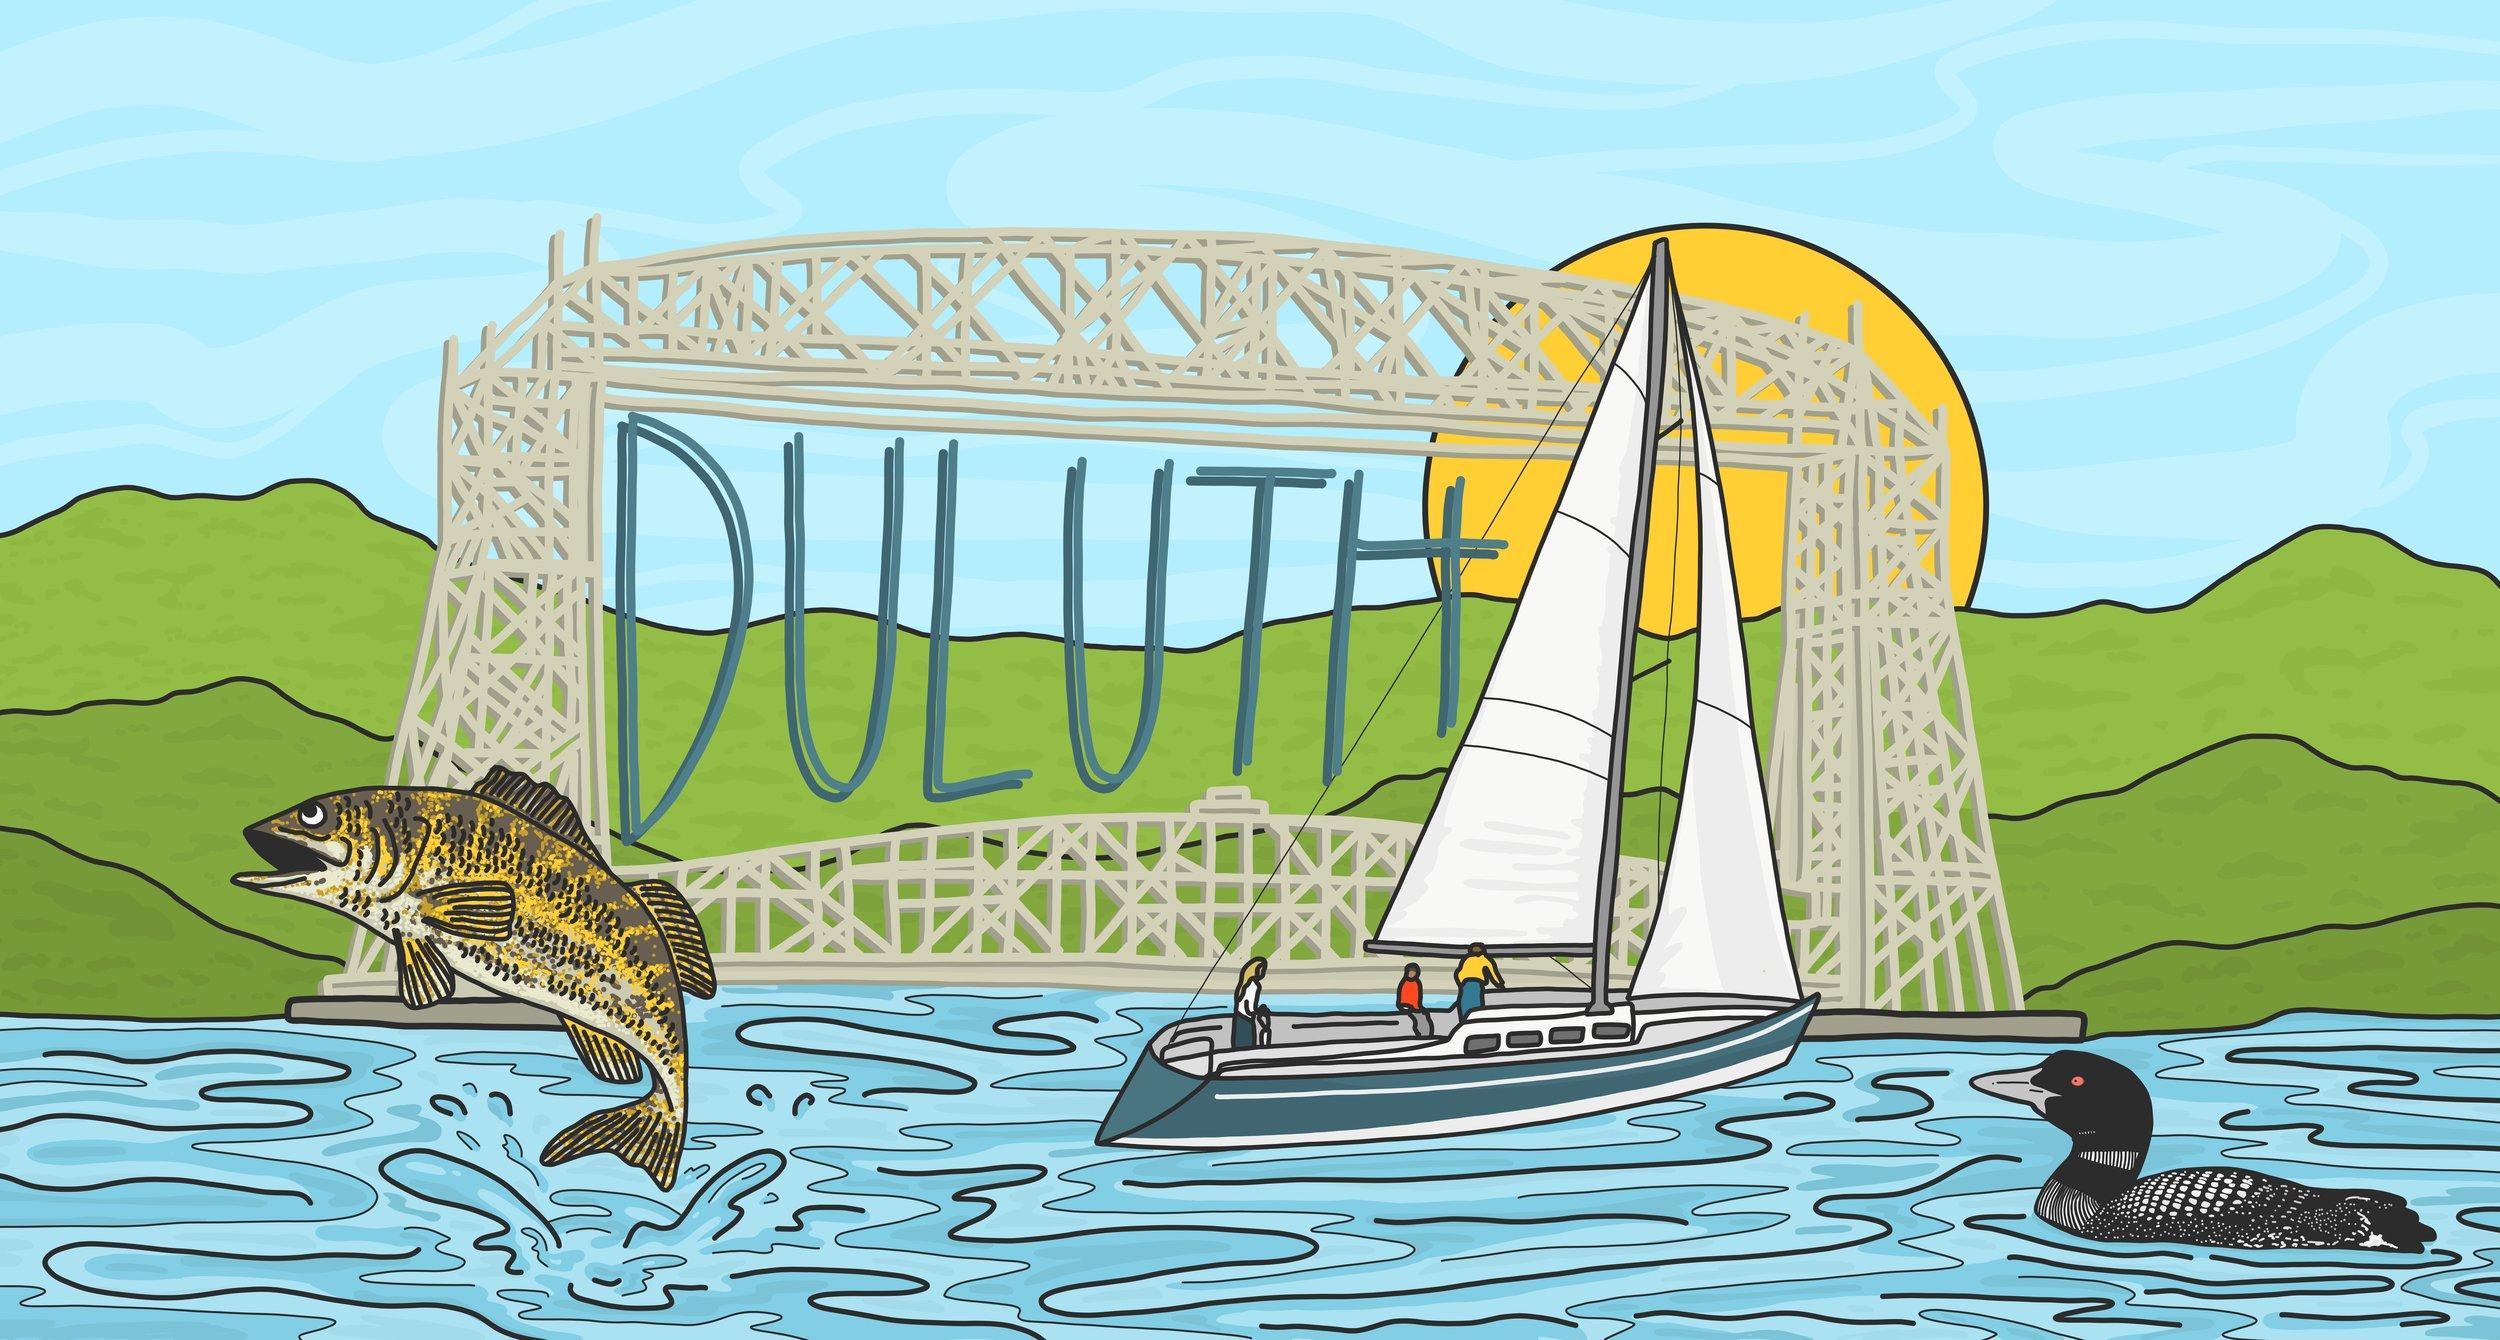 Tru Duluth Mural